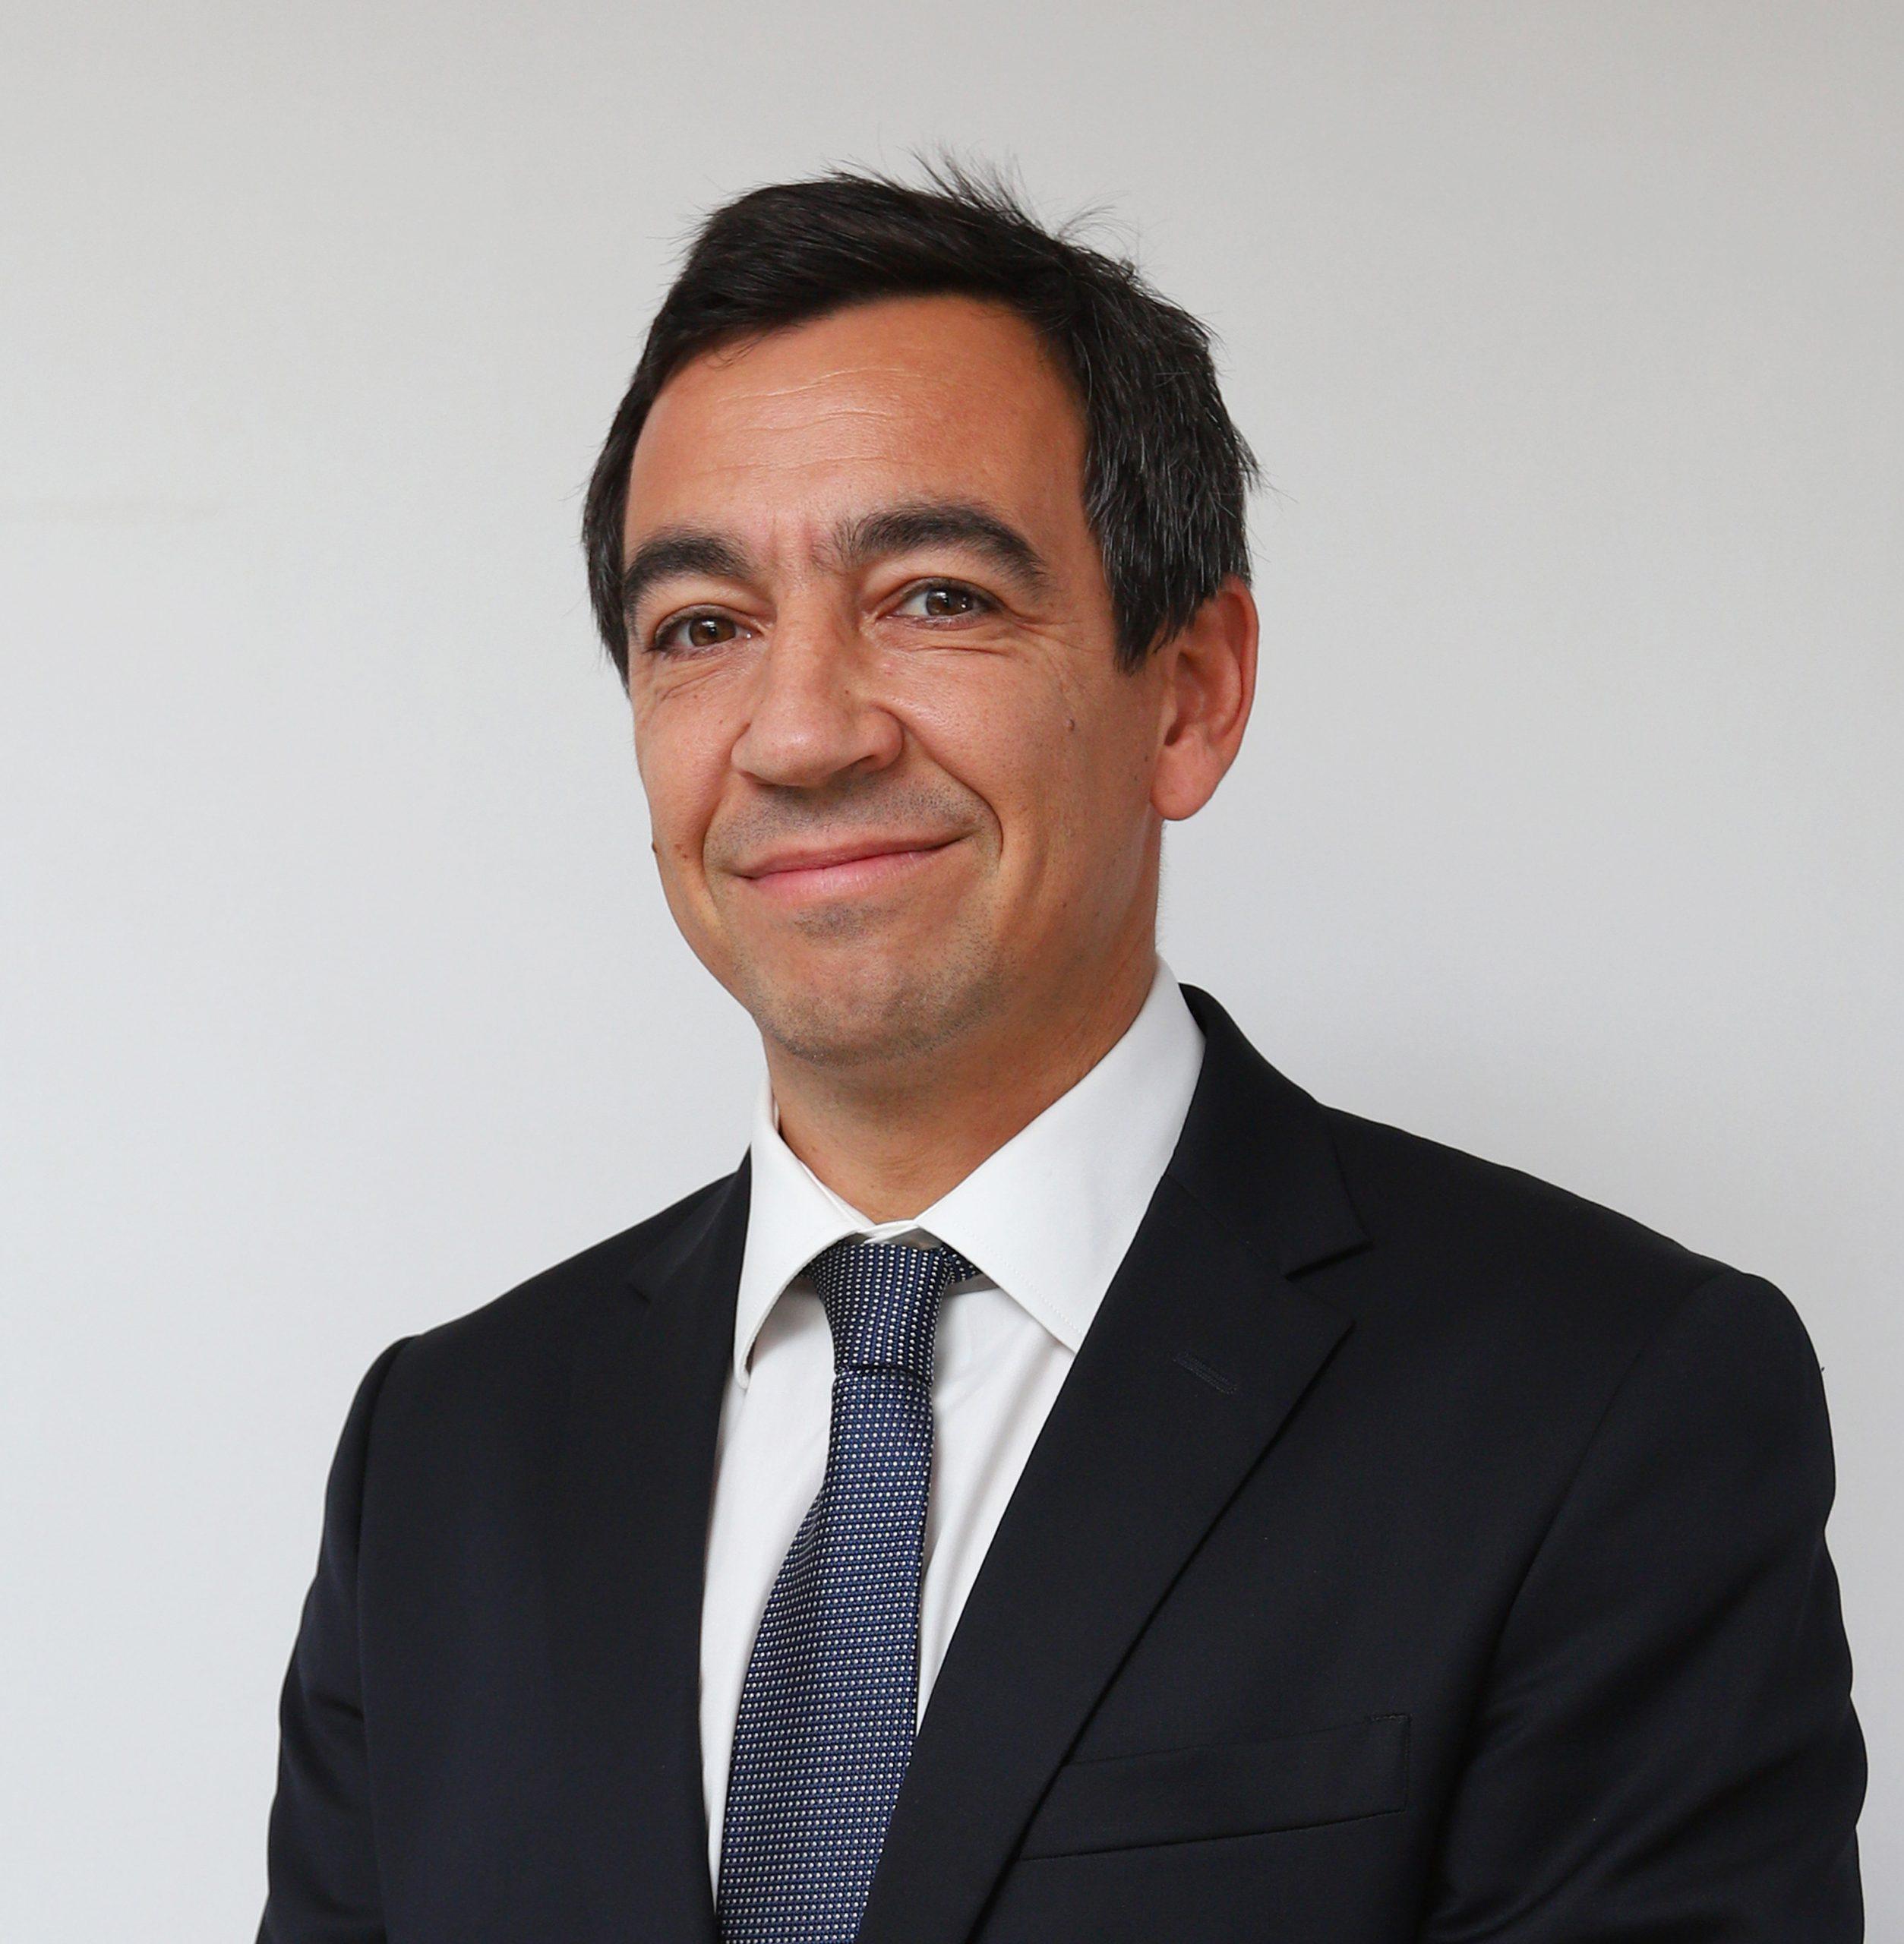 Manuel Quinta